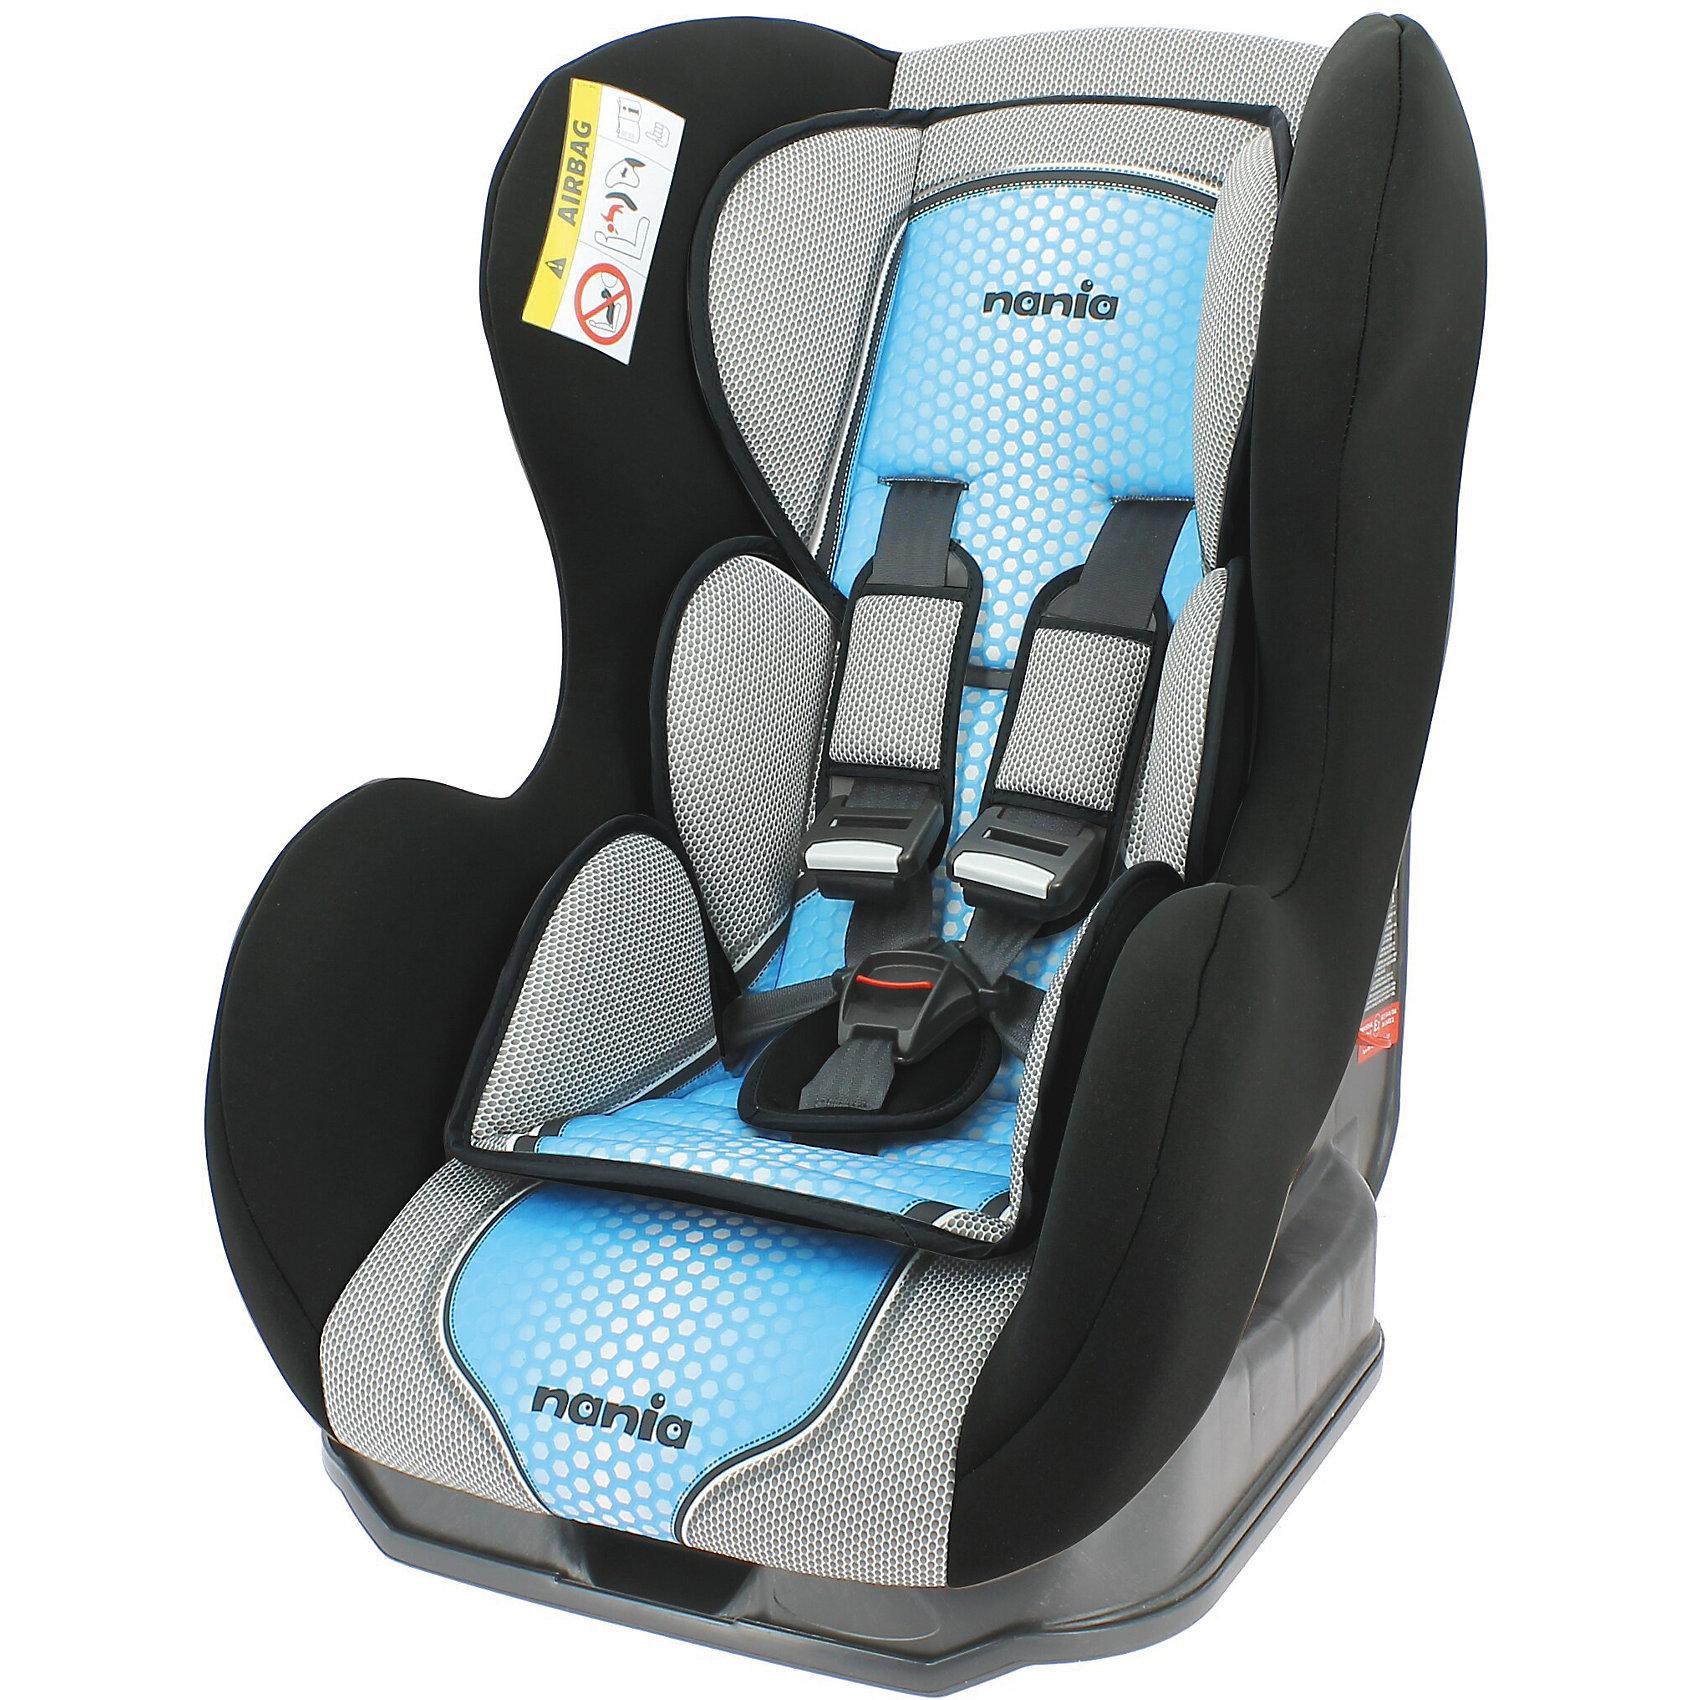 Автокресло Cosmo SP FST 0-18 кг., Nania, pop blueХарактеристики Nania Cosmo SP FST:<br><br>• группа 0+/1;<br>• вес ребенка: до 18 кг;<br>• возраст ребенка: от рождения до 4-х лет;<br>• способ установки: против хода (до 9 кг) и по ходу движения автомобиля (9-18кг);<br>• способ крепления: штатными ремнями безопасности автомобиля;<br>• 5-ти точечные ремни безопасности с мягкими накладками;<br>• угол наклона спинки регулируется: 3 положения;<br>• анатомический вкладыш для новорожденного, подголовник;<br>• дополнительная защита от боковых ударов, система SP (side protection);<br>• съемные чехлы, стирка при температуре 30 градусов;<br>• материал: пластик, полиэстер;<br>• стандарт безопасности: ЕСЕ R44/03.<br><br>Размер автокресла: 54х45х61 см<br>Размер сиденья: 33х31 см<br>Высота спинки: 55 см<br>Вес автокресла: 5,7 кг<br><br>Автокресло Nania Cosmo SP FST устанавливается как по ходу движения, так и против хода движения автомобиля, как на заднем сиденье автомобиля, так и на переднем сиденье автомобиля (с условием отключения подушки безопасности). Регулируемая спинка дает возможность малышу занять удобное положение, как во время сна, так и во время бодрствования. Автокресло соответствует всем стандартам безопасности. <br><br>Автокресло Cosmo SP FST 0-18 кг., Nania, pop blue можно купить в нашем интернет-магазине.<br><br>Ширина мм: 660<br>Глубина мм: 455<br>Высота мм: 805<br>Вес г: 14910<br>Возраст от месяцев: 0<br>Возраст до месяцев: 48<br>Пол: Мужской<br>Возраст: Детский<br>SKU: 5287290